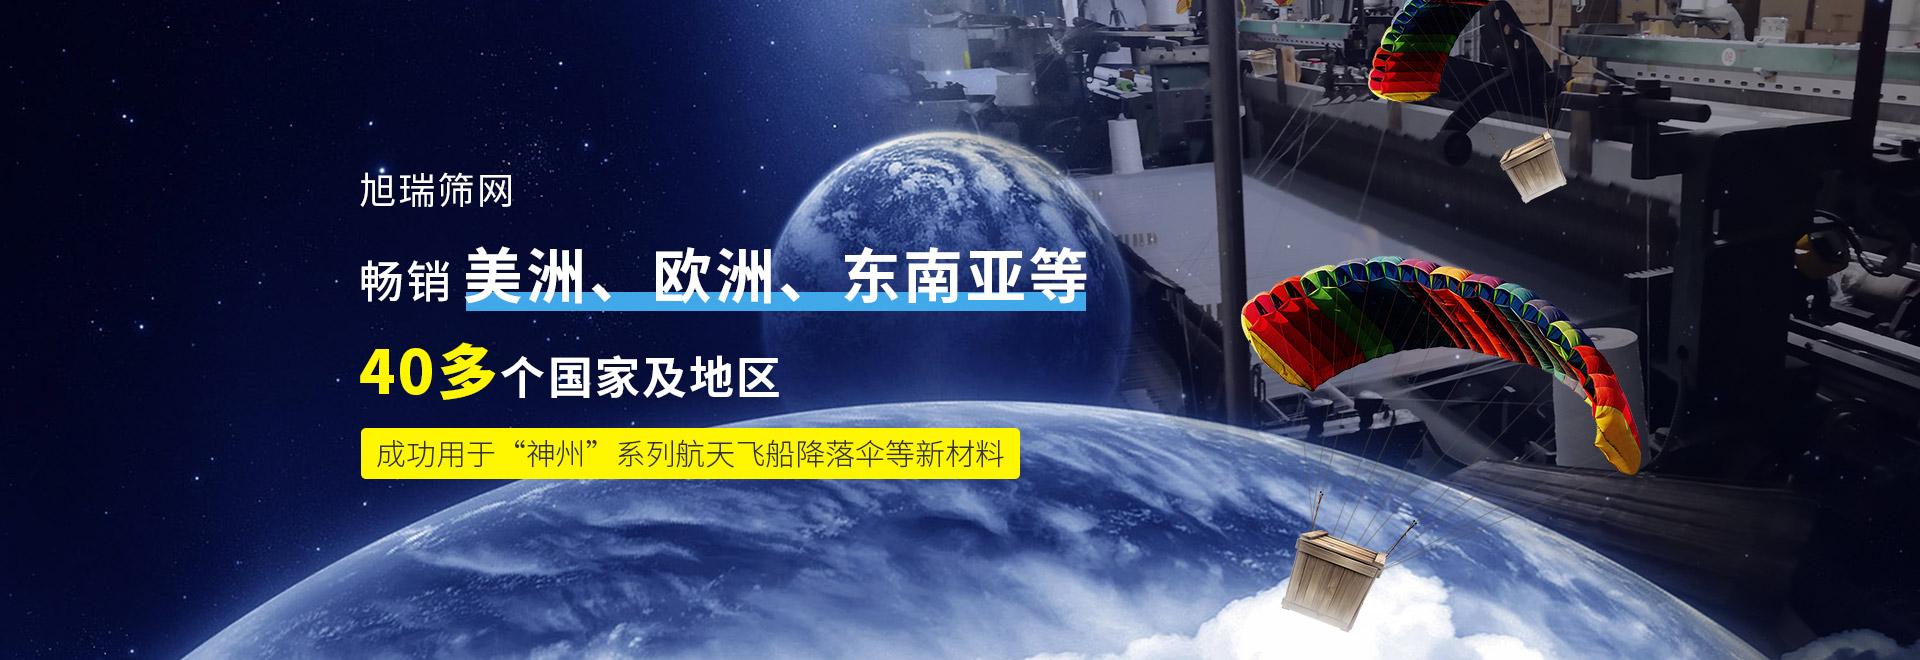 """旭瑞筛网畅销美洲、欧洲、东南亚等40多个国家及地区 成功用于""""神州""""系列航天飞船降落伞等新材料"""